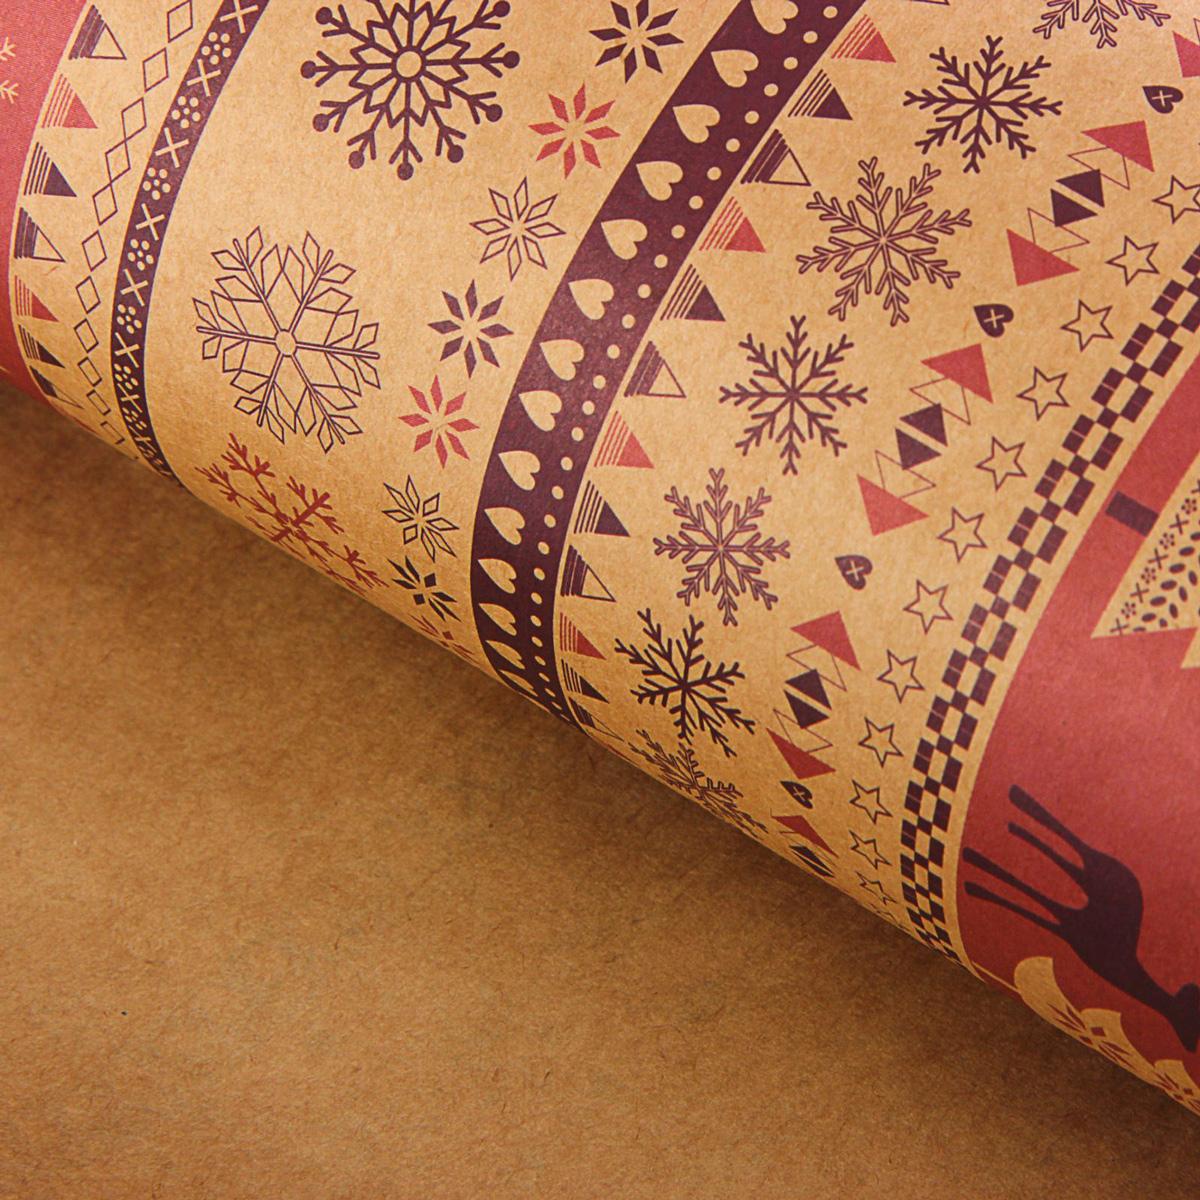 Набор бумаги упаковочной Sima-land Скандинавский узор, крафт, цвет: сиреневый, 50 х 70 см, 10 листов1269928Упаковочная бумага крафт Sima-land - это стильный и модный тренд в декоре и упаковке. Она универсальна в оформлении любой продукции и подарка и сделает даже обычный презент заметным, приятным и стильным. В упаковке 10 листов 50 х 70 см.